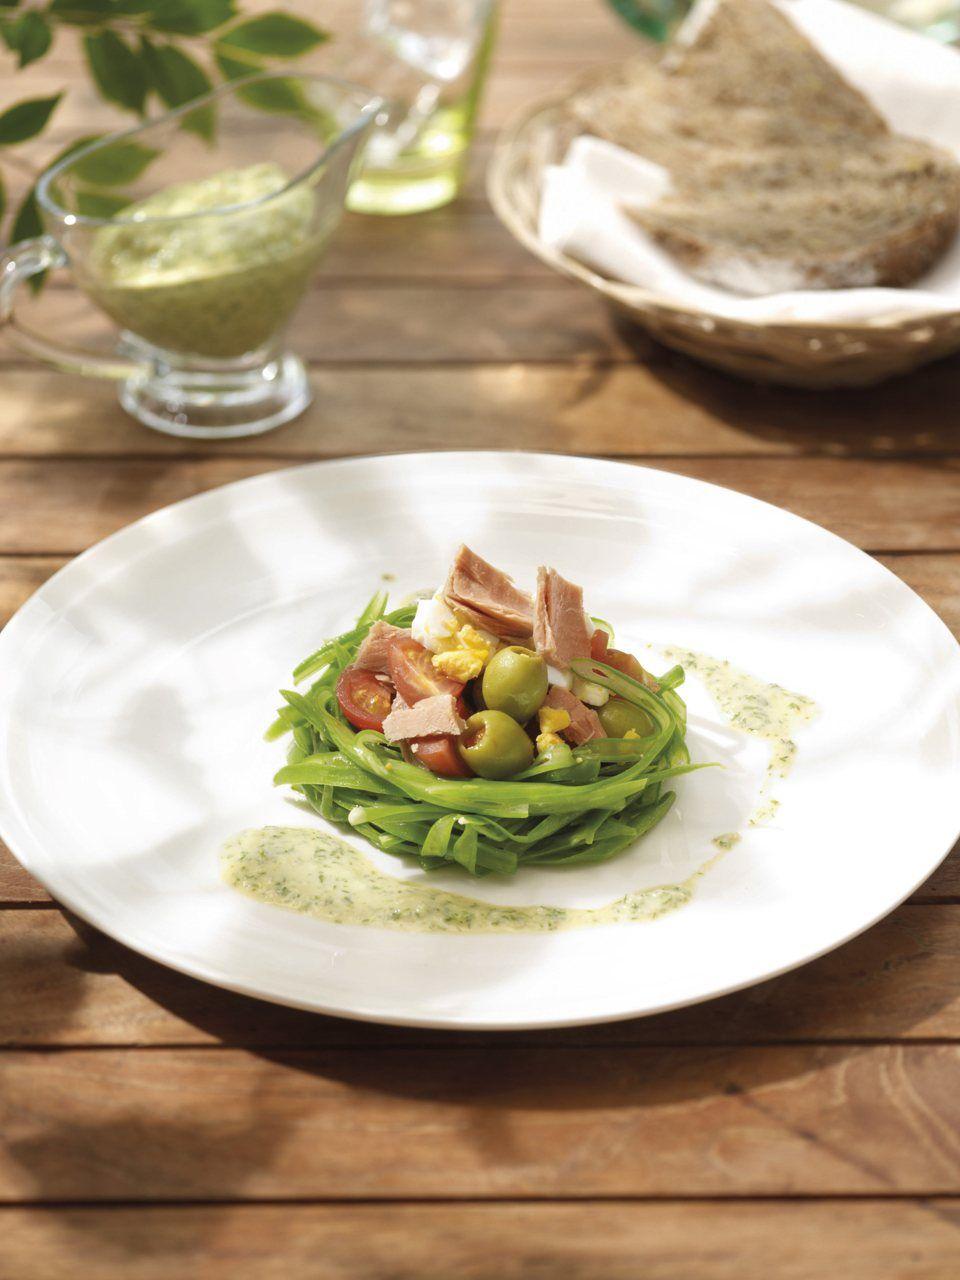 Recetas sanas, ligeras y ¡deliciosas! · ElMueble.com